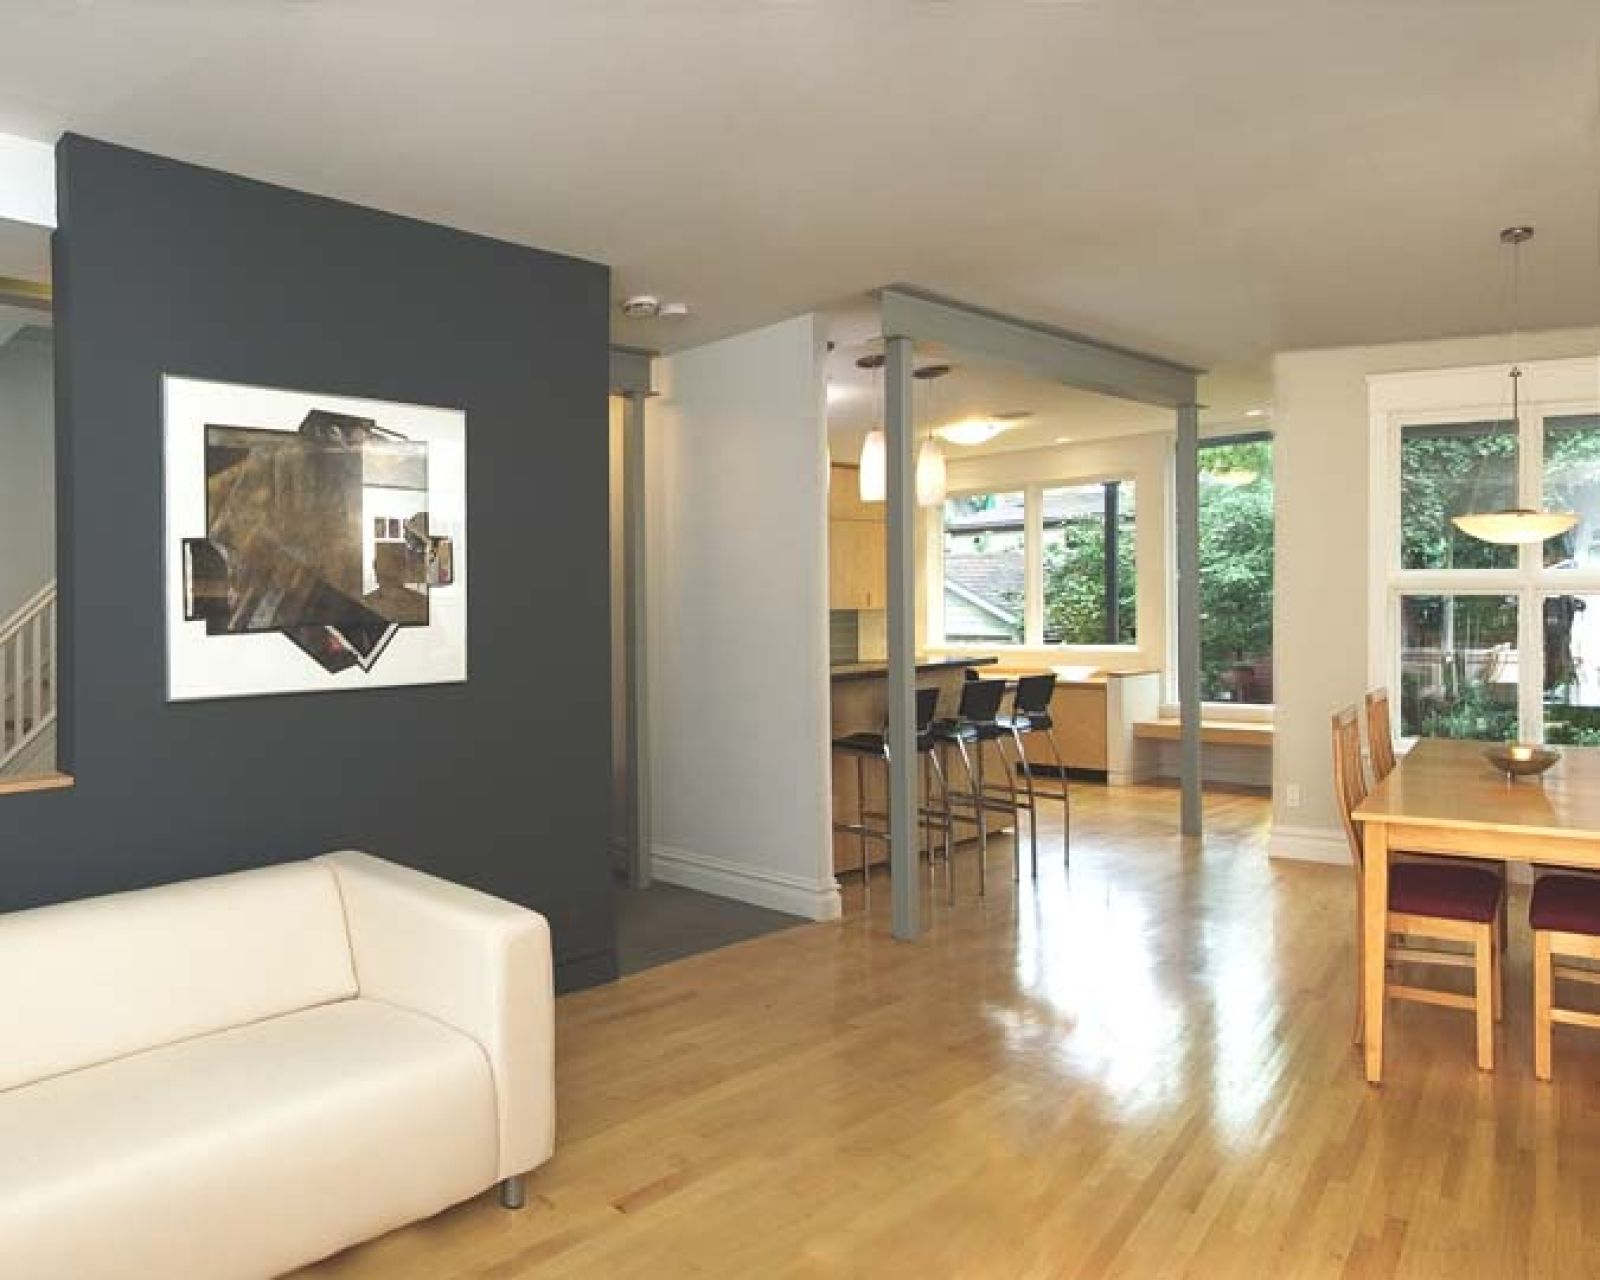 am nagement et agencement d 39 une maison lyon 1er entreprise de r novation int rieure lyon. Black Bedroom Furniture Sets. Home Design Ideas